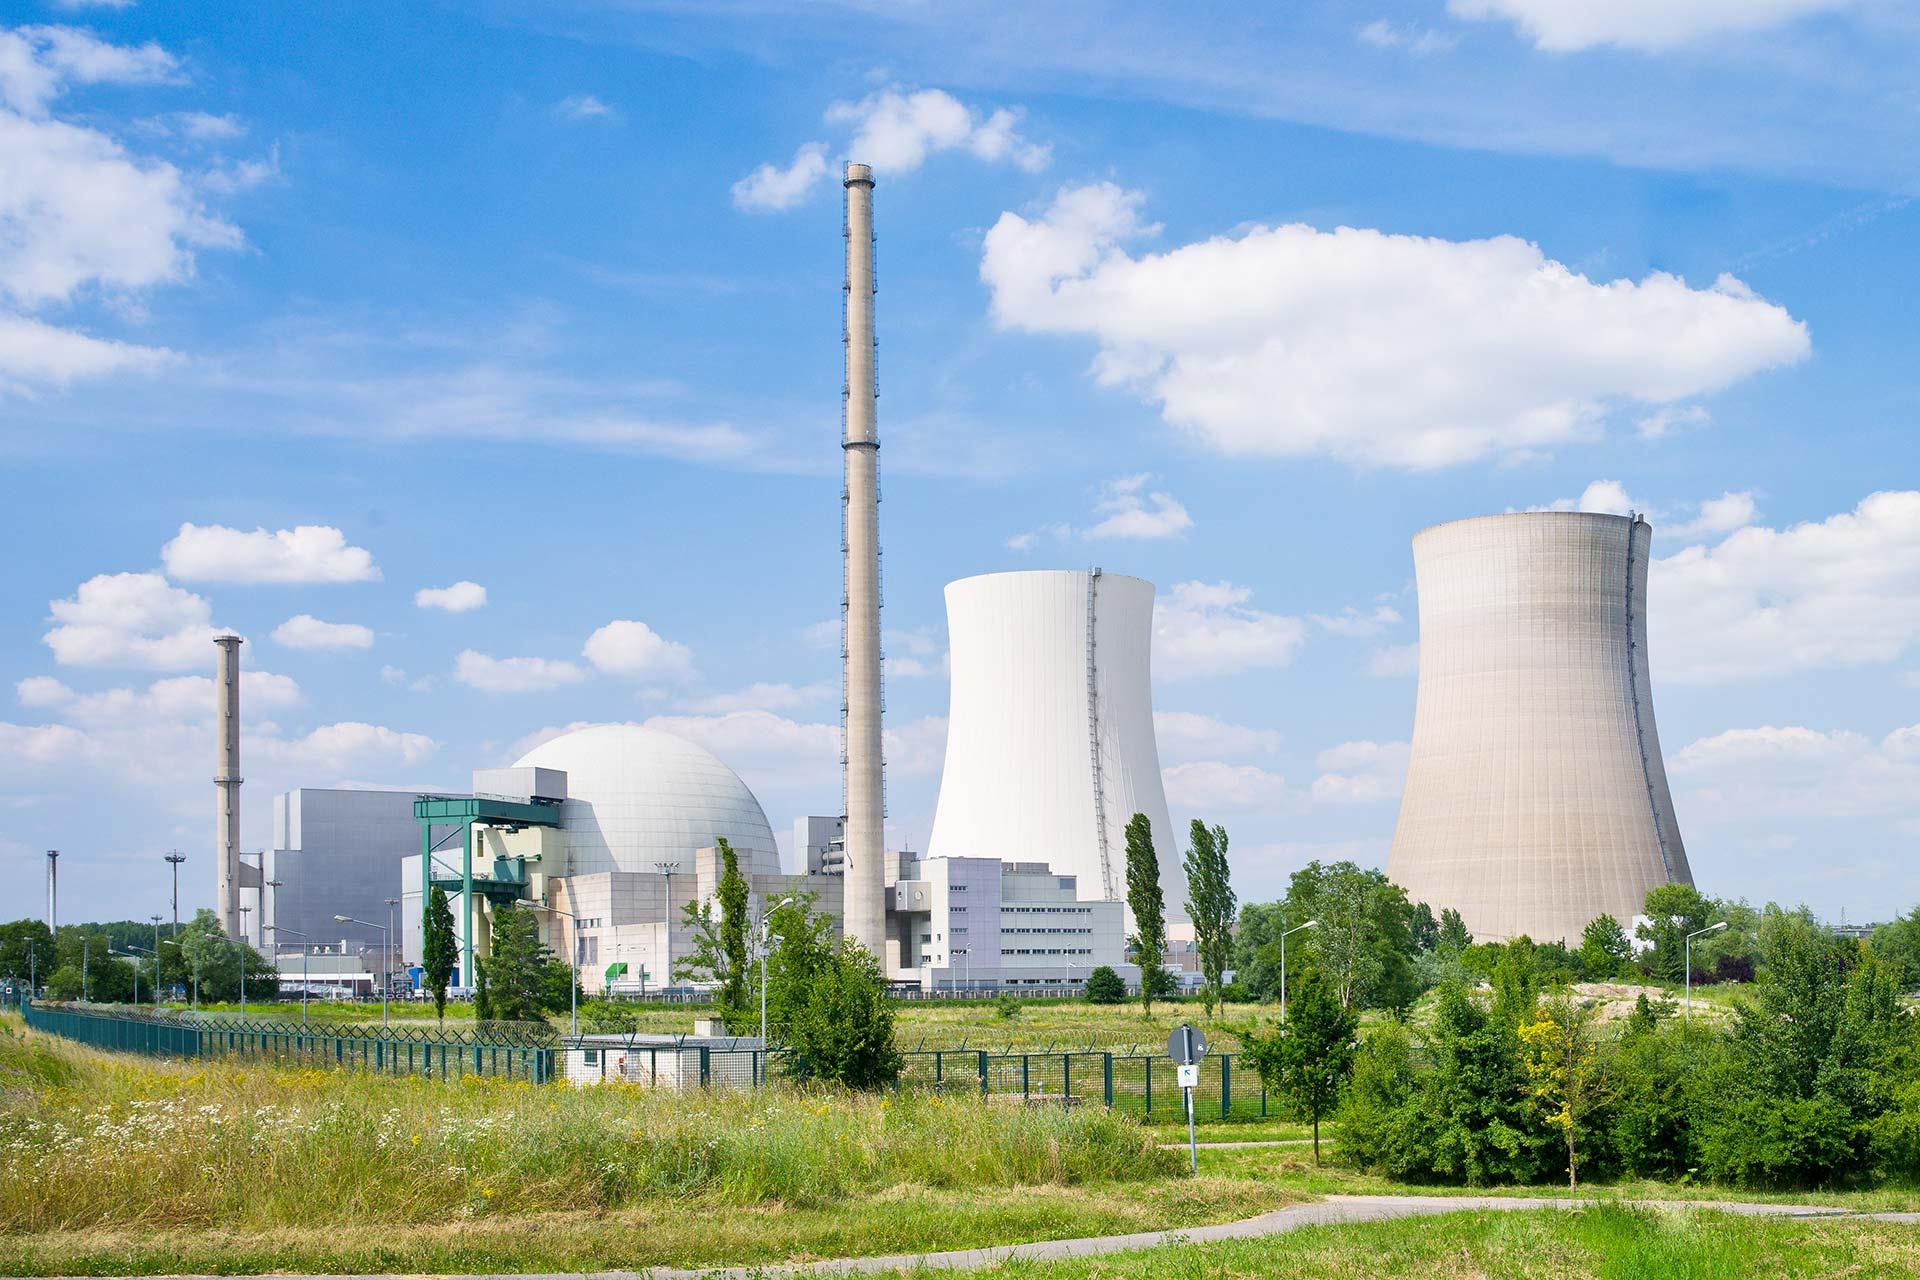 MB Spezialabbruch - Spezialabbruch/Demontage: Atomkraftwerk mit Kühltürmen